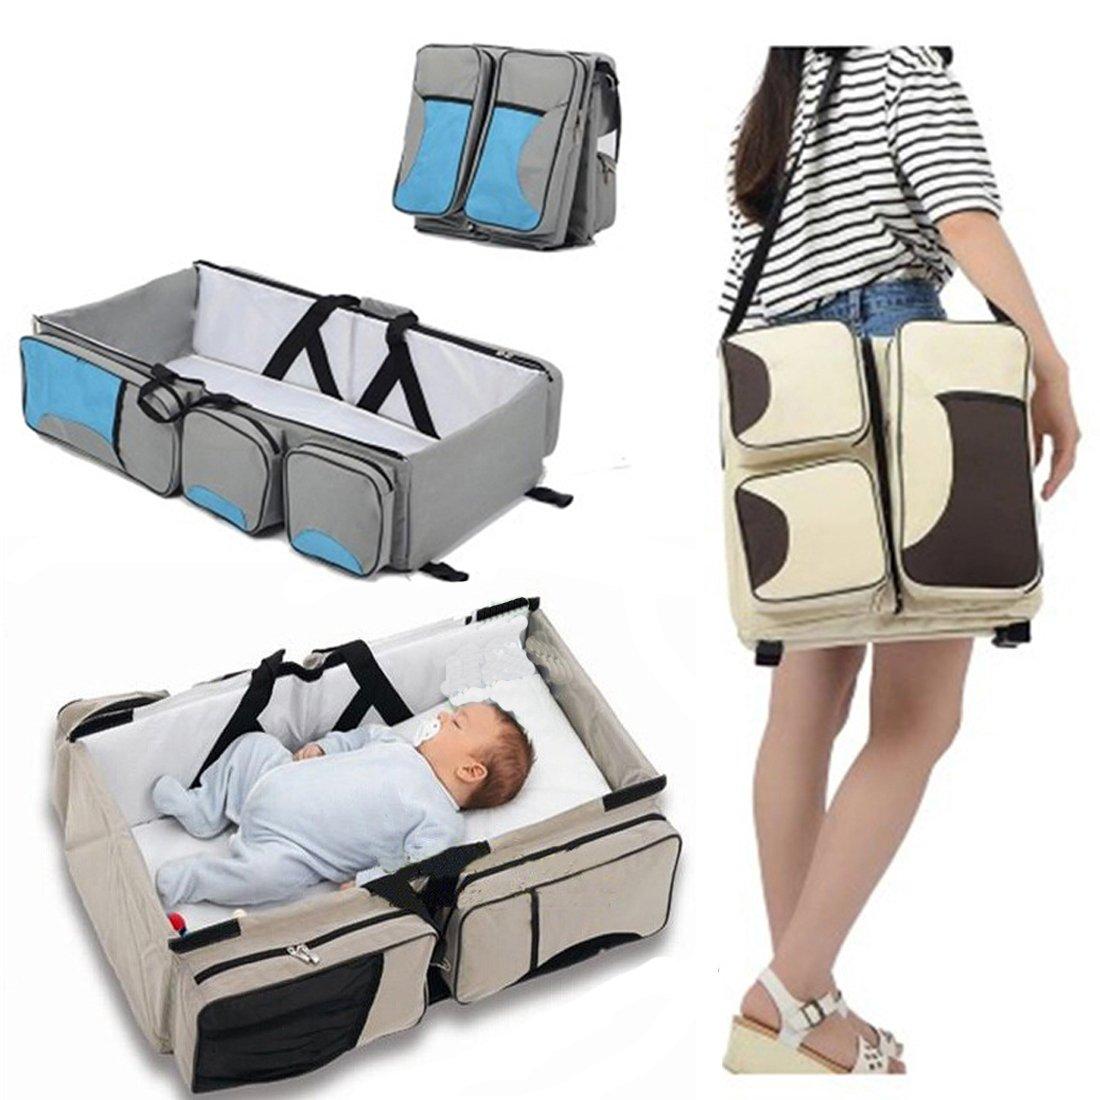 Multifonctionnel b/éb/é Berceau de voyage pliable portable Sacs de couches Lit inf/ántil-gaorui 1114 beige